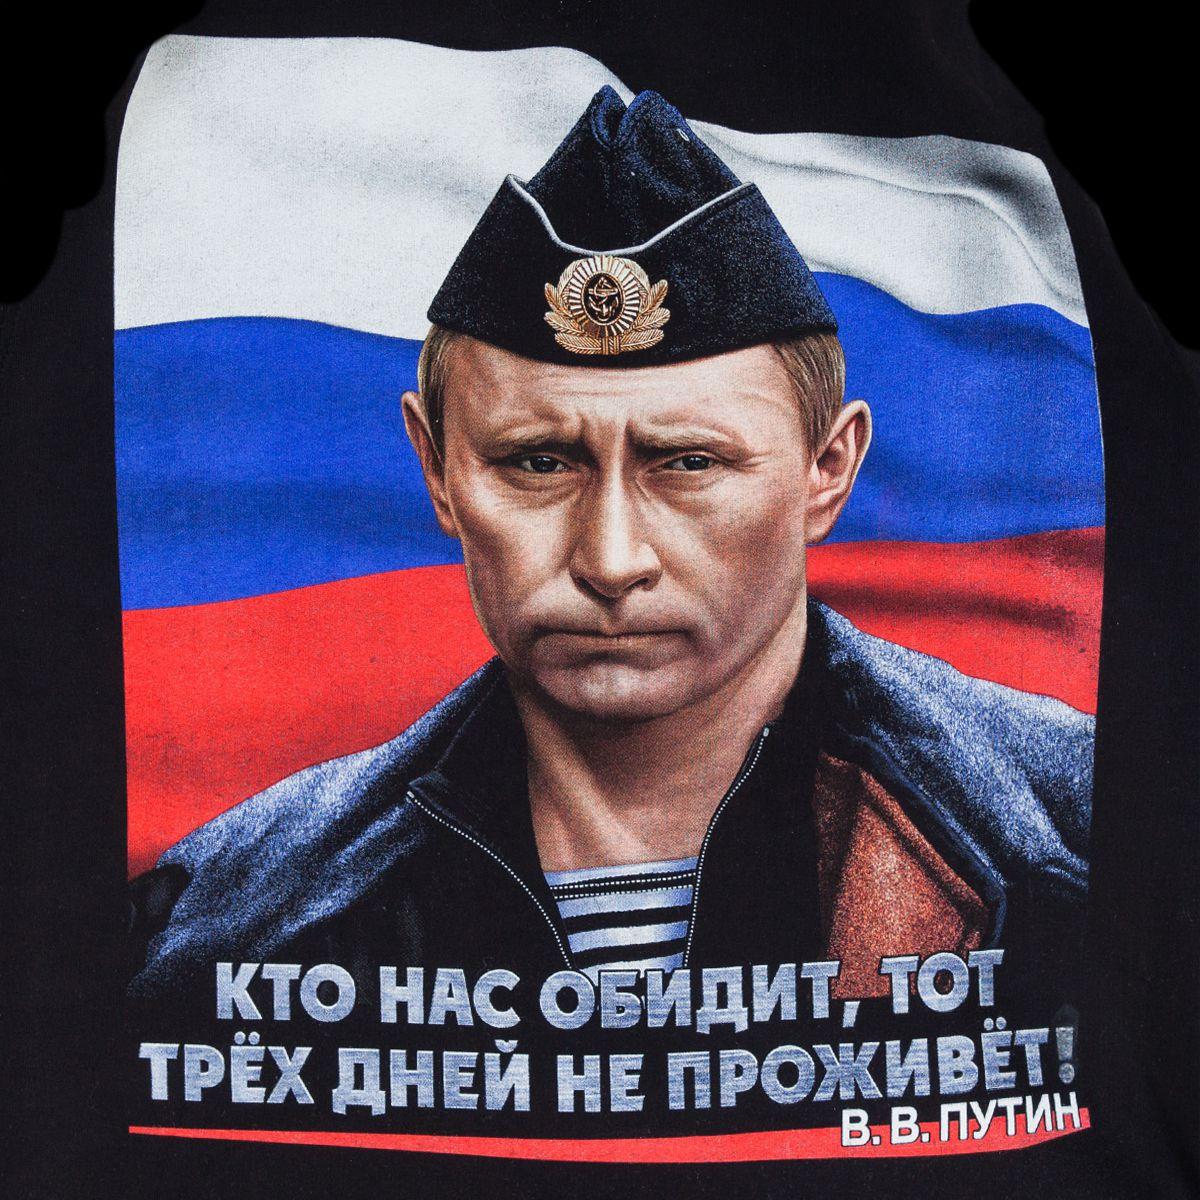 Толстовка с фото Путина - принт